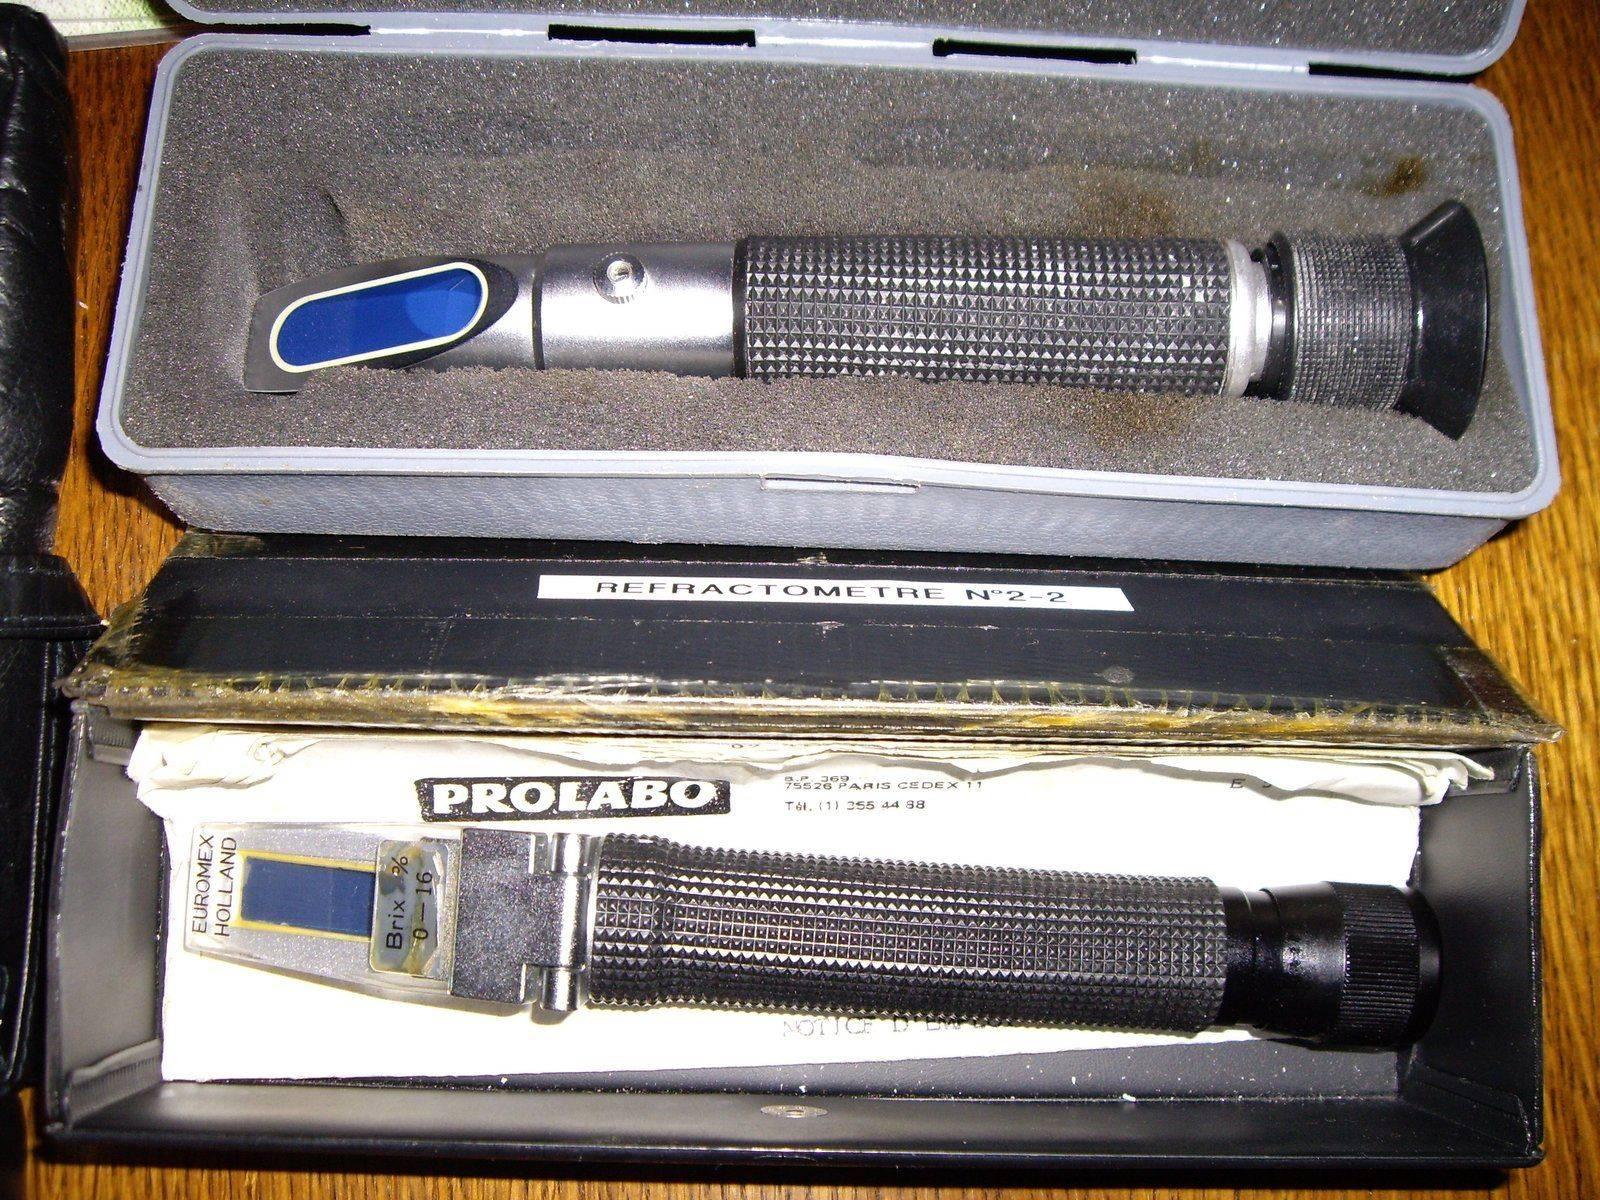 refractometre 001.JPG